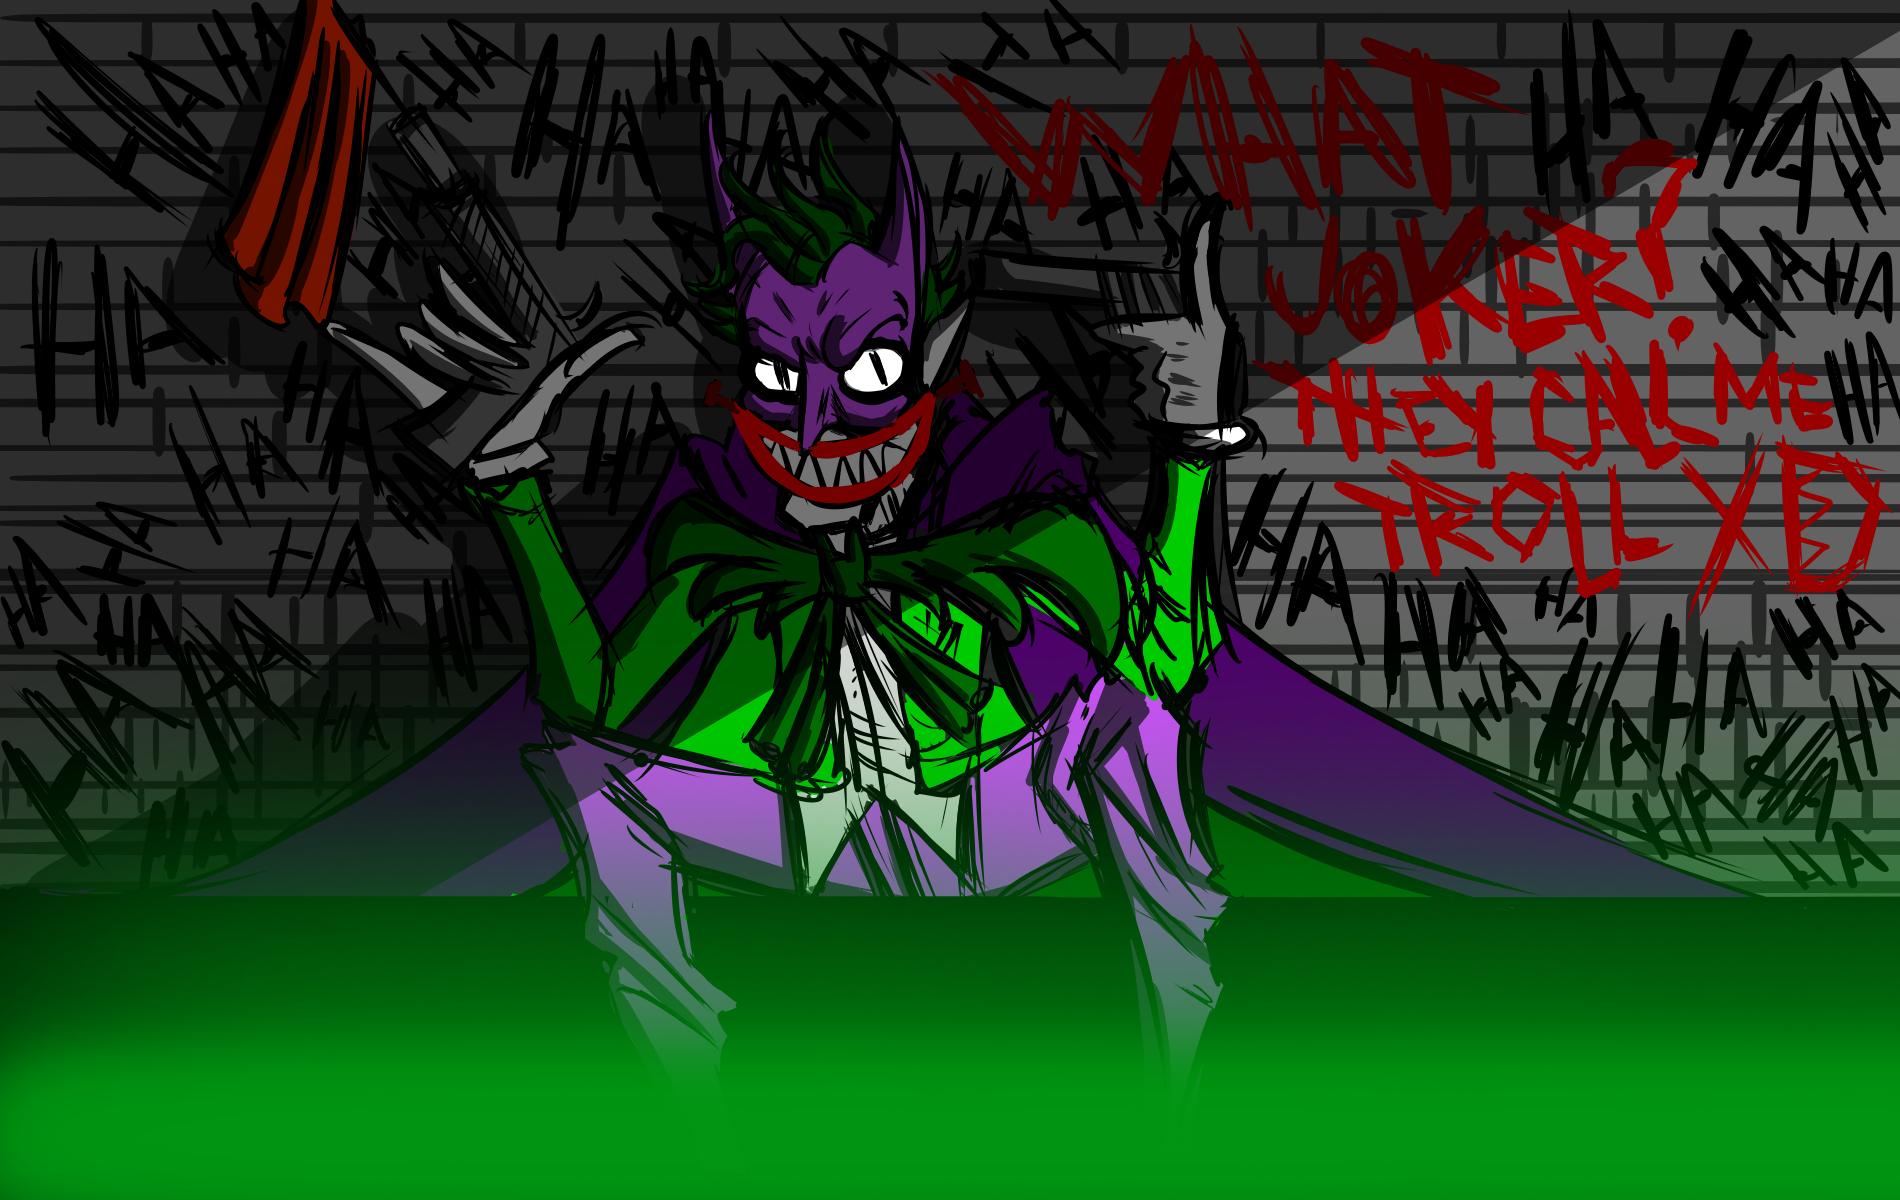 What Joker, I'm Troll!!!